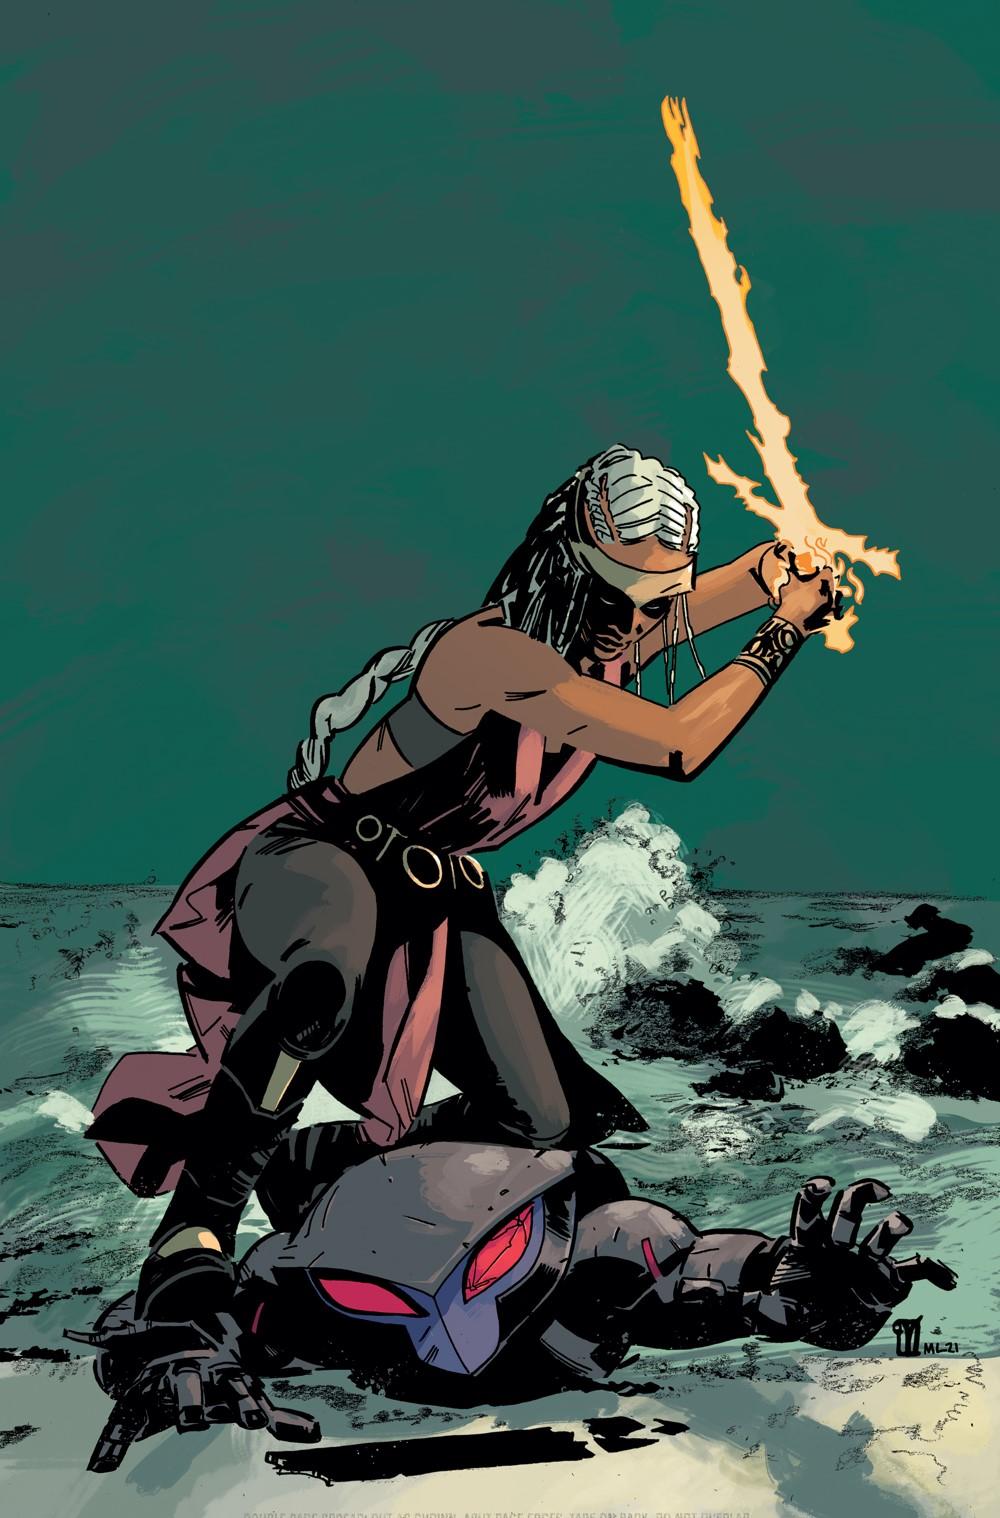 BLACKMANTA_Cv3 DC Comics November 2021 Solicitations